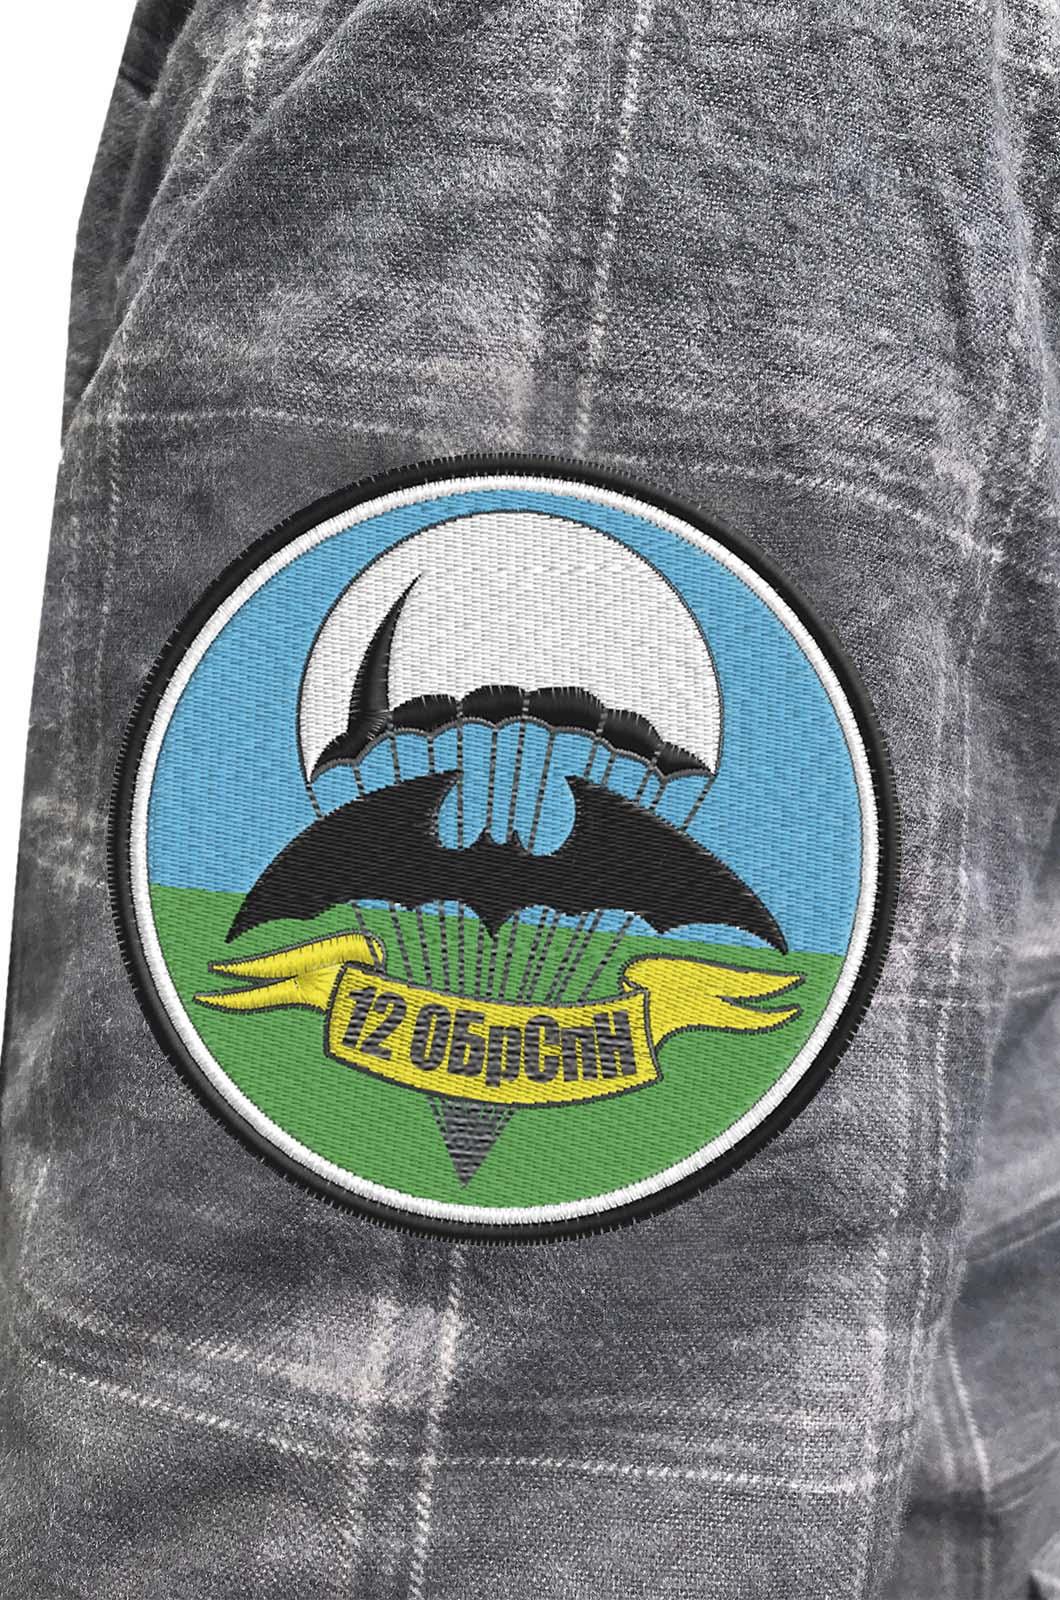 Рубашка с нашивкой 12 ОБрСпН купить в розницу